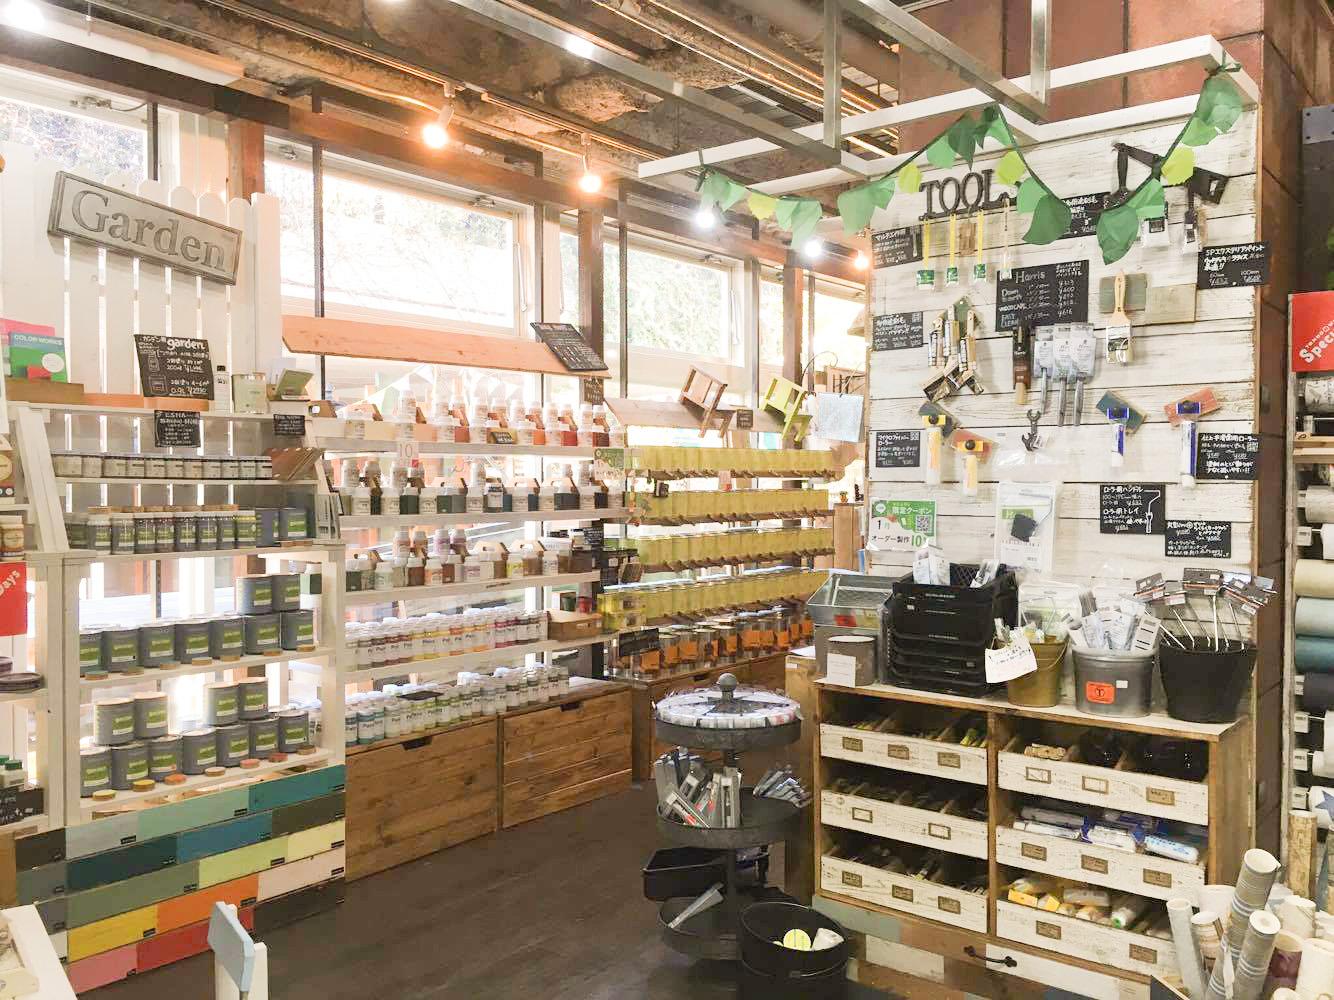 店内には、板やペンキ、引き出しの取っ手など様々な道具がずらり